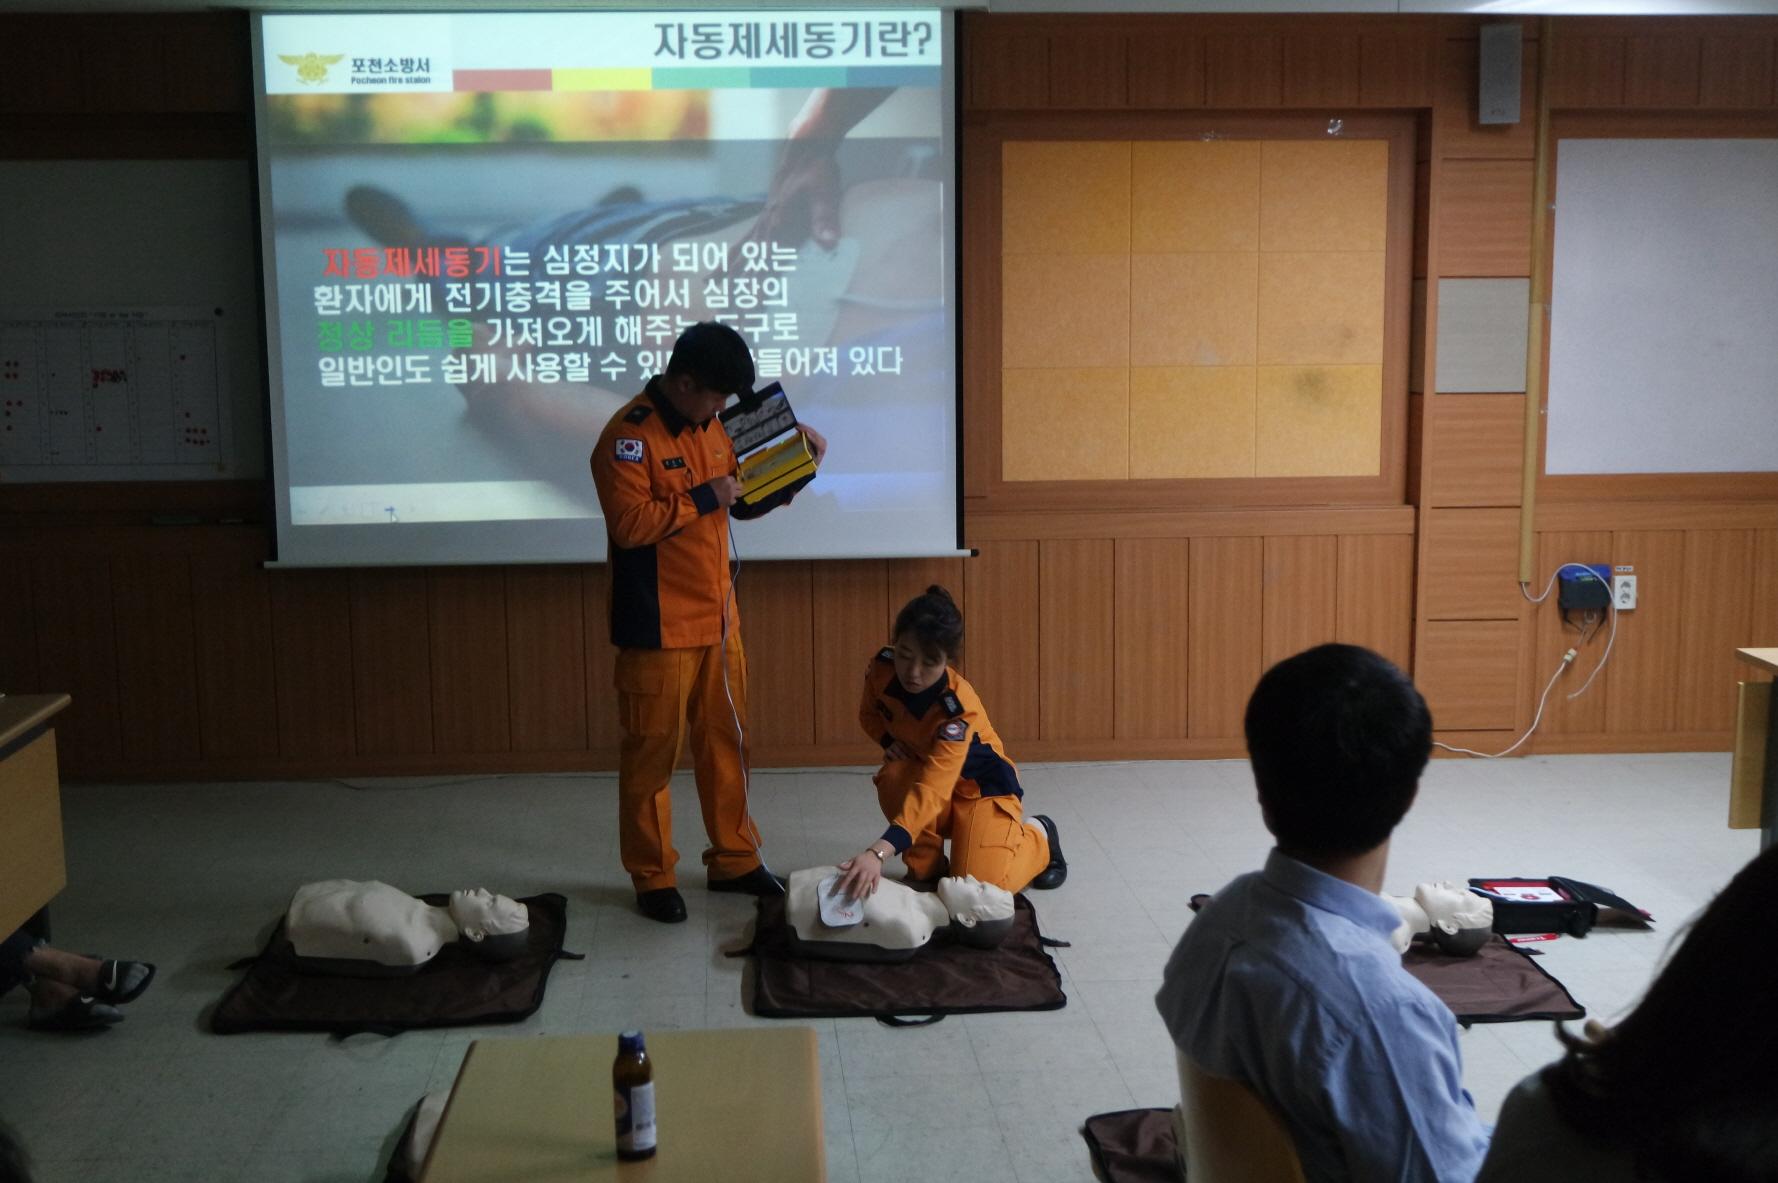 [일반] 교직원대상 심폐소생술 교육의 첨부이미지 2